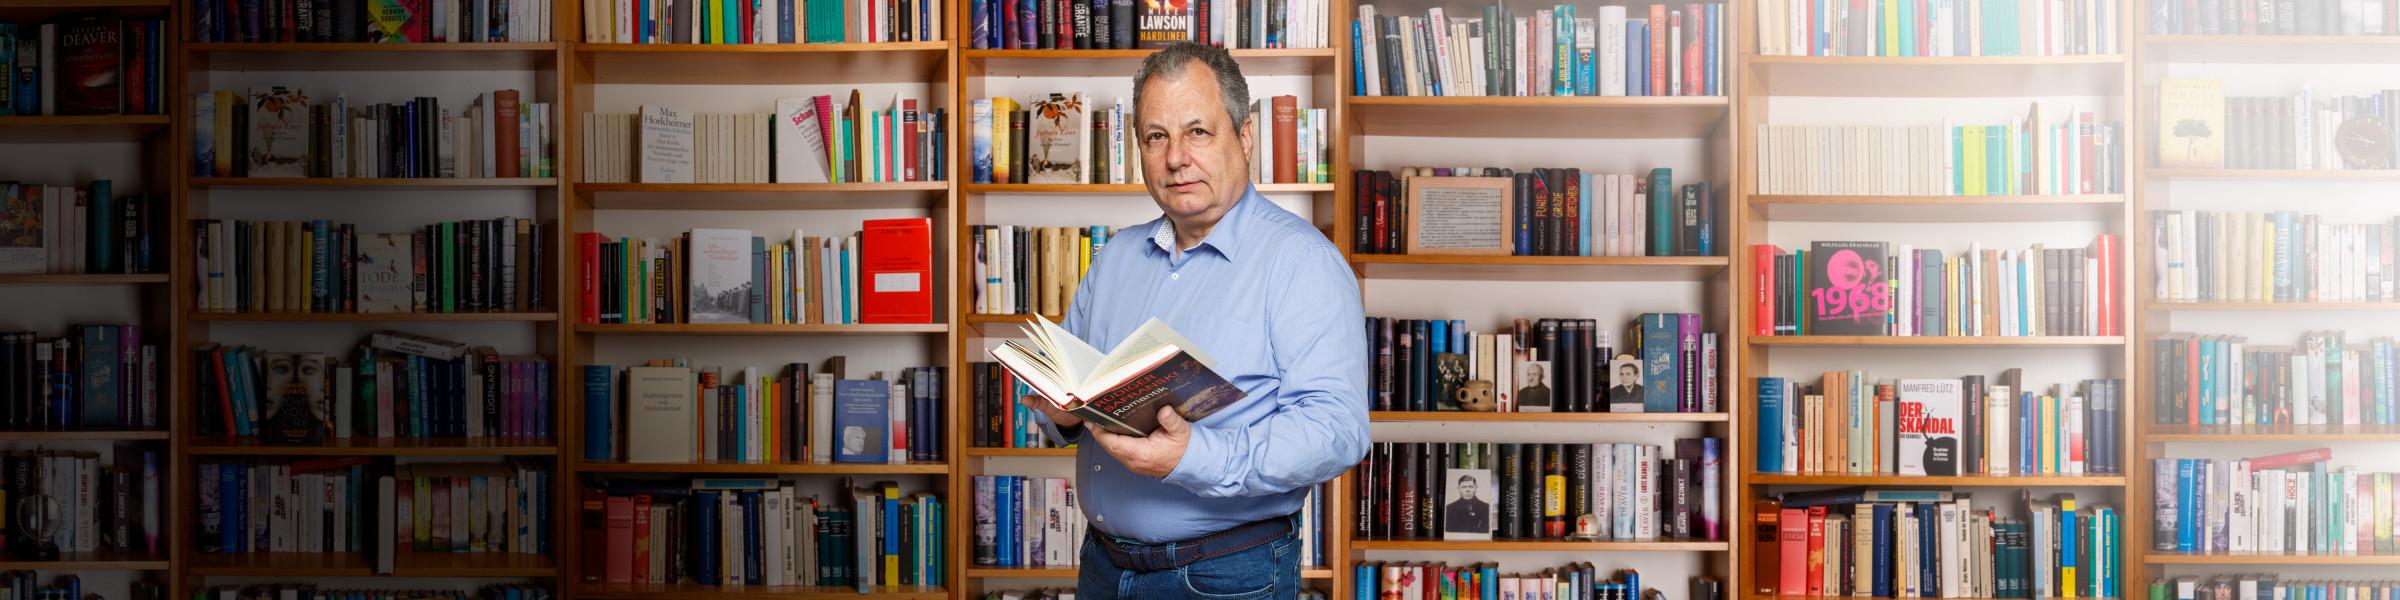 Rainer Schöttle vor Bücherwand